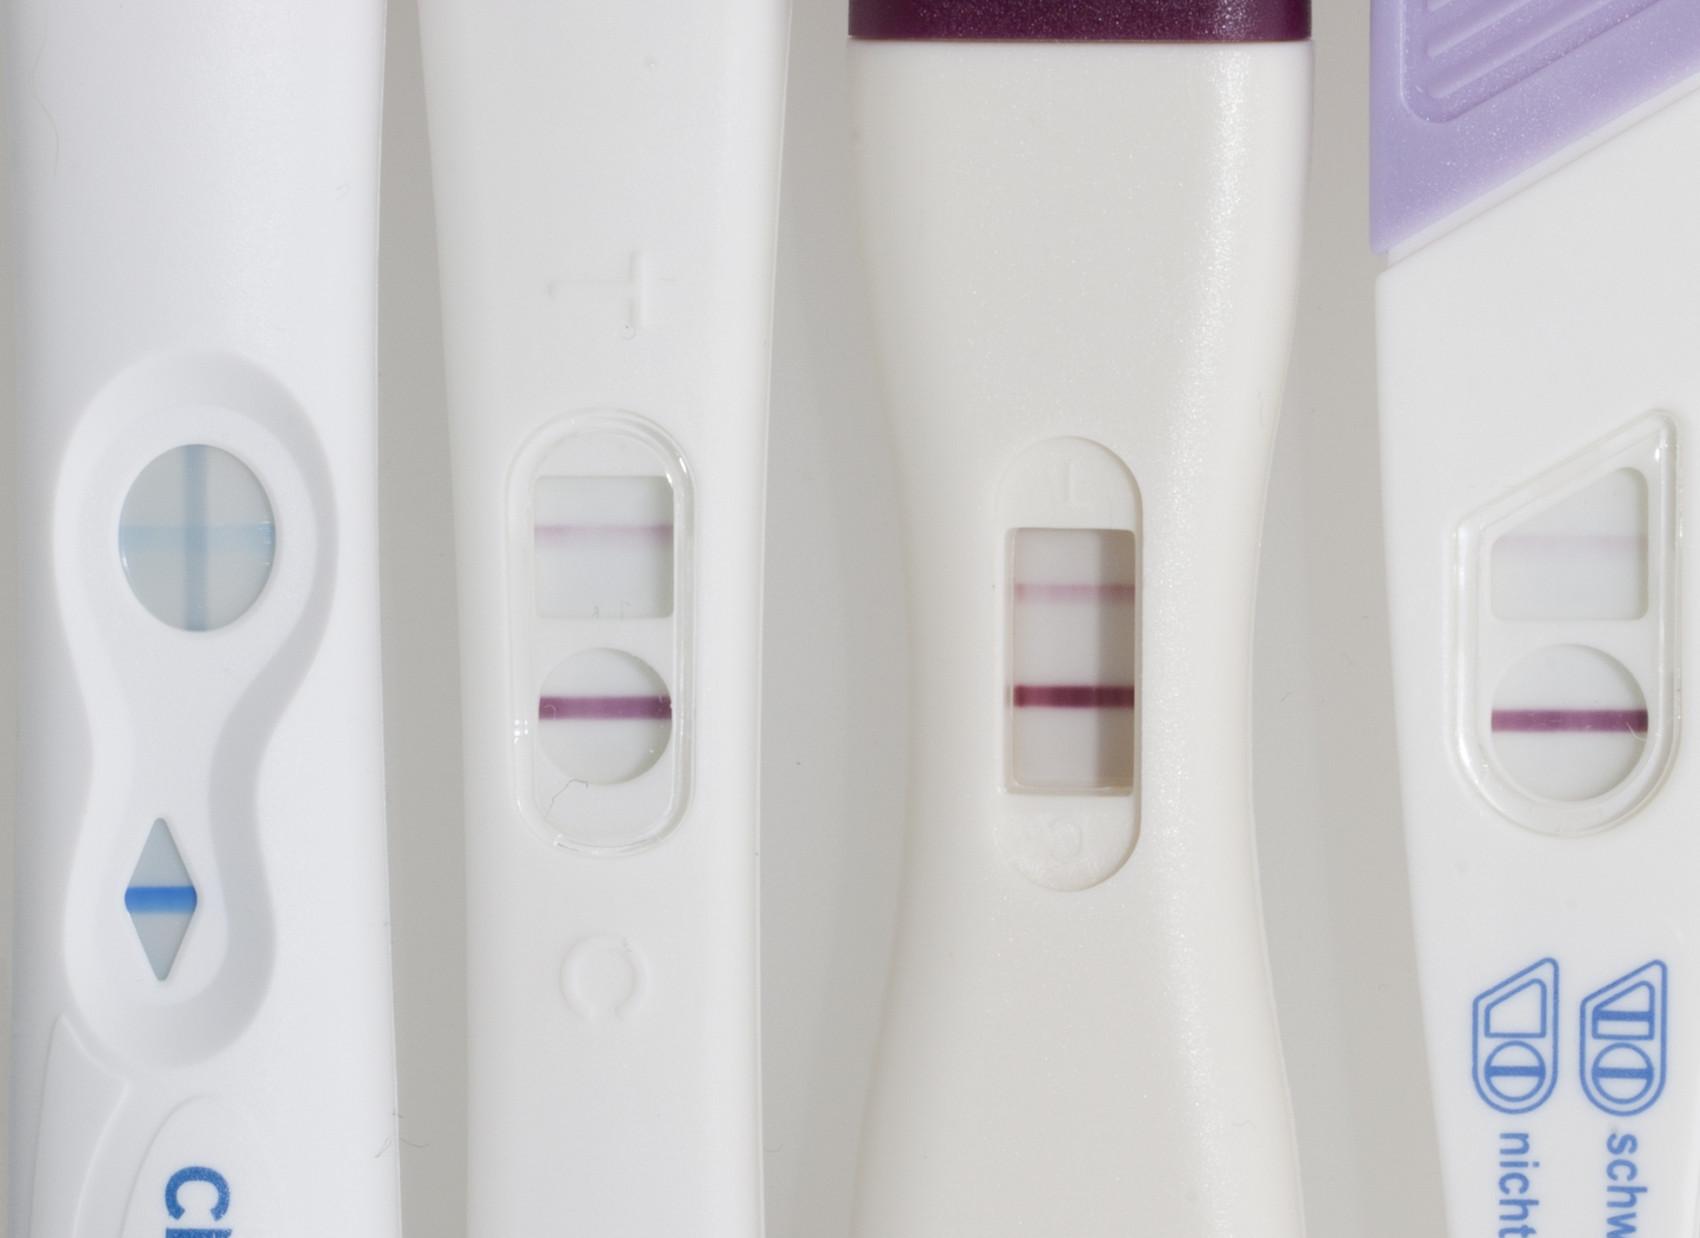 ce39821be76eda Wer sich mitten im Kinderwunsch – oder, wie ich es lieber nenne –  Kinderwahn befindet, ist vermutlich ein Schwangerschaftstests-Vieltester.